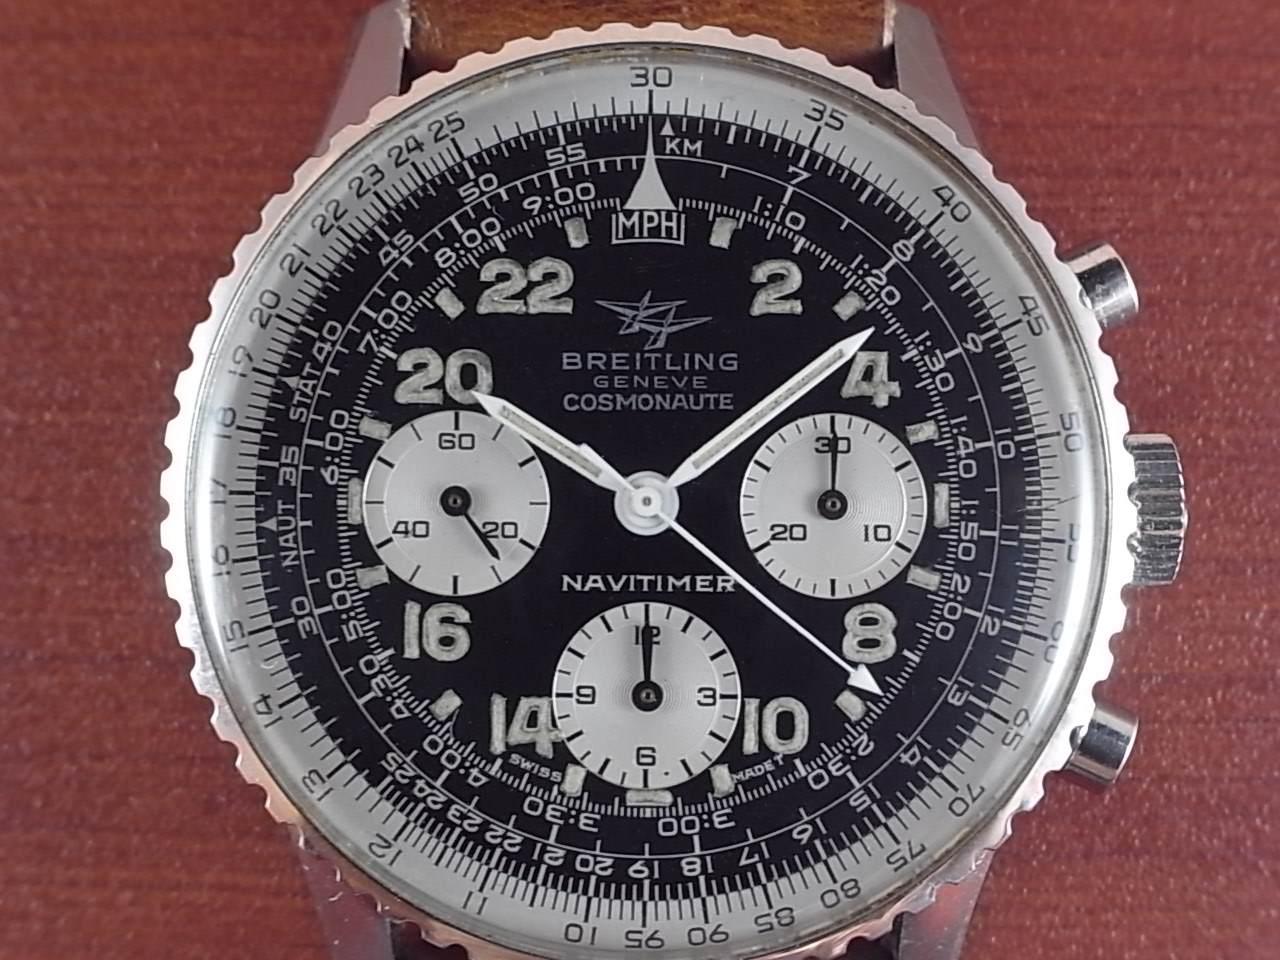 ブライトリング コスモノート ナビタイマー 24時間時計 1960年代の写真2枚目